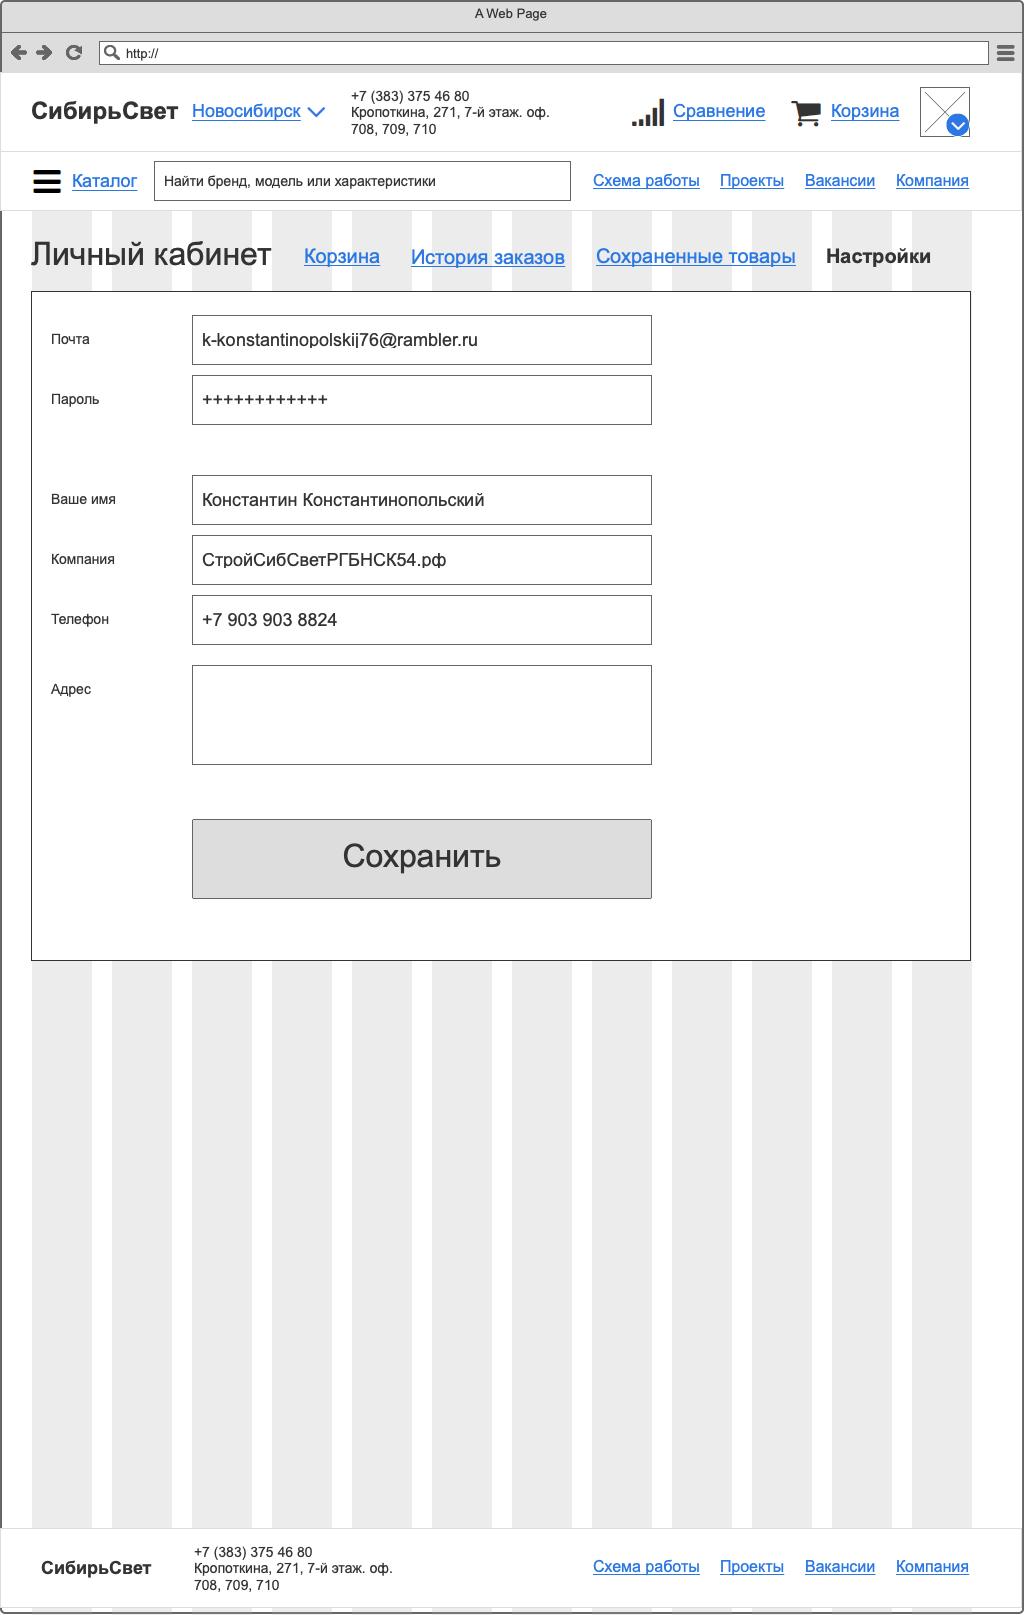 Магазин «Сибирьсвет» Сайт Артура Нецветаева — сайты, приложения, прототипы и оформление интерфейсов 3 user area